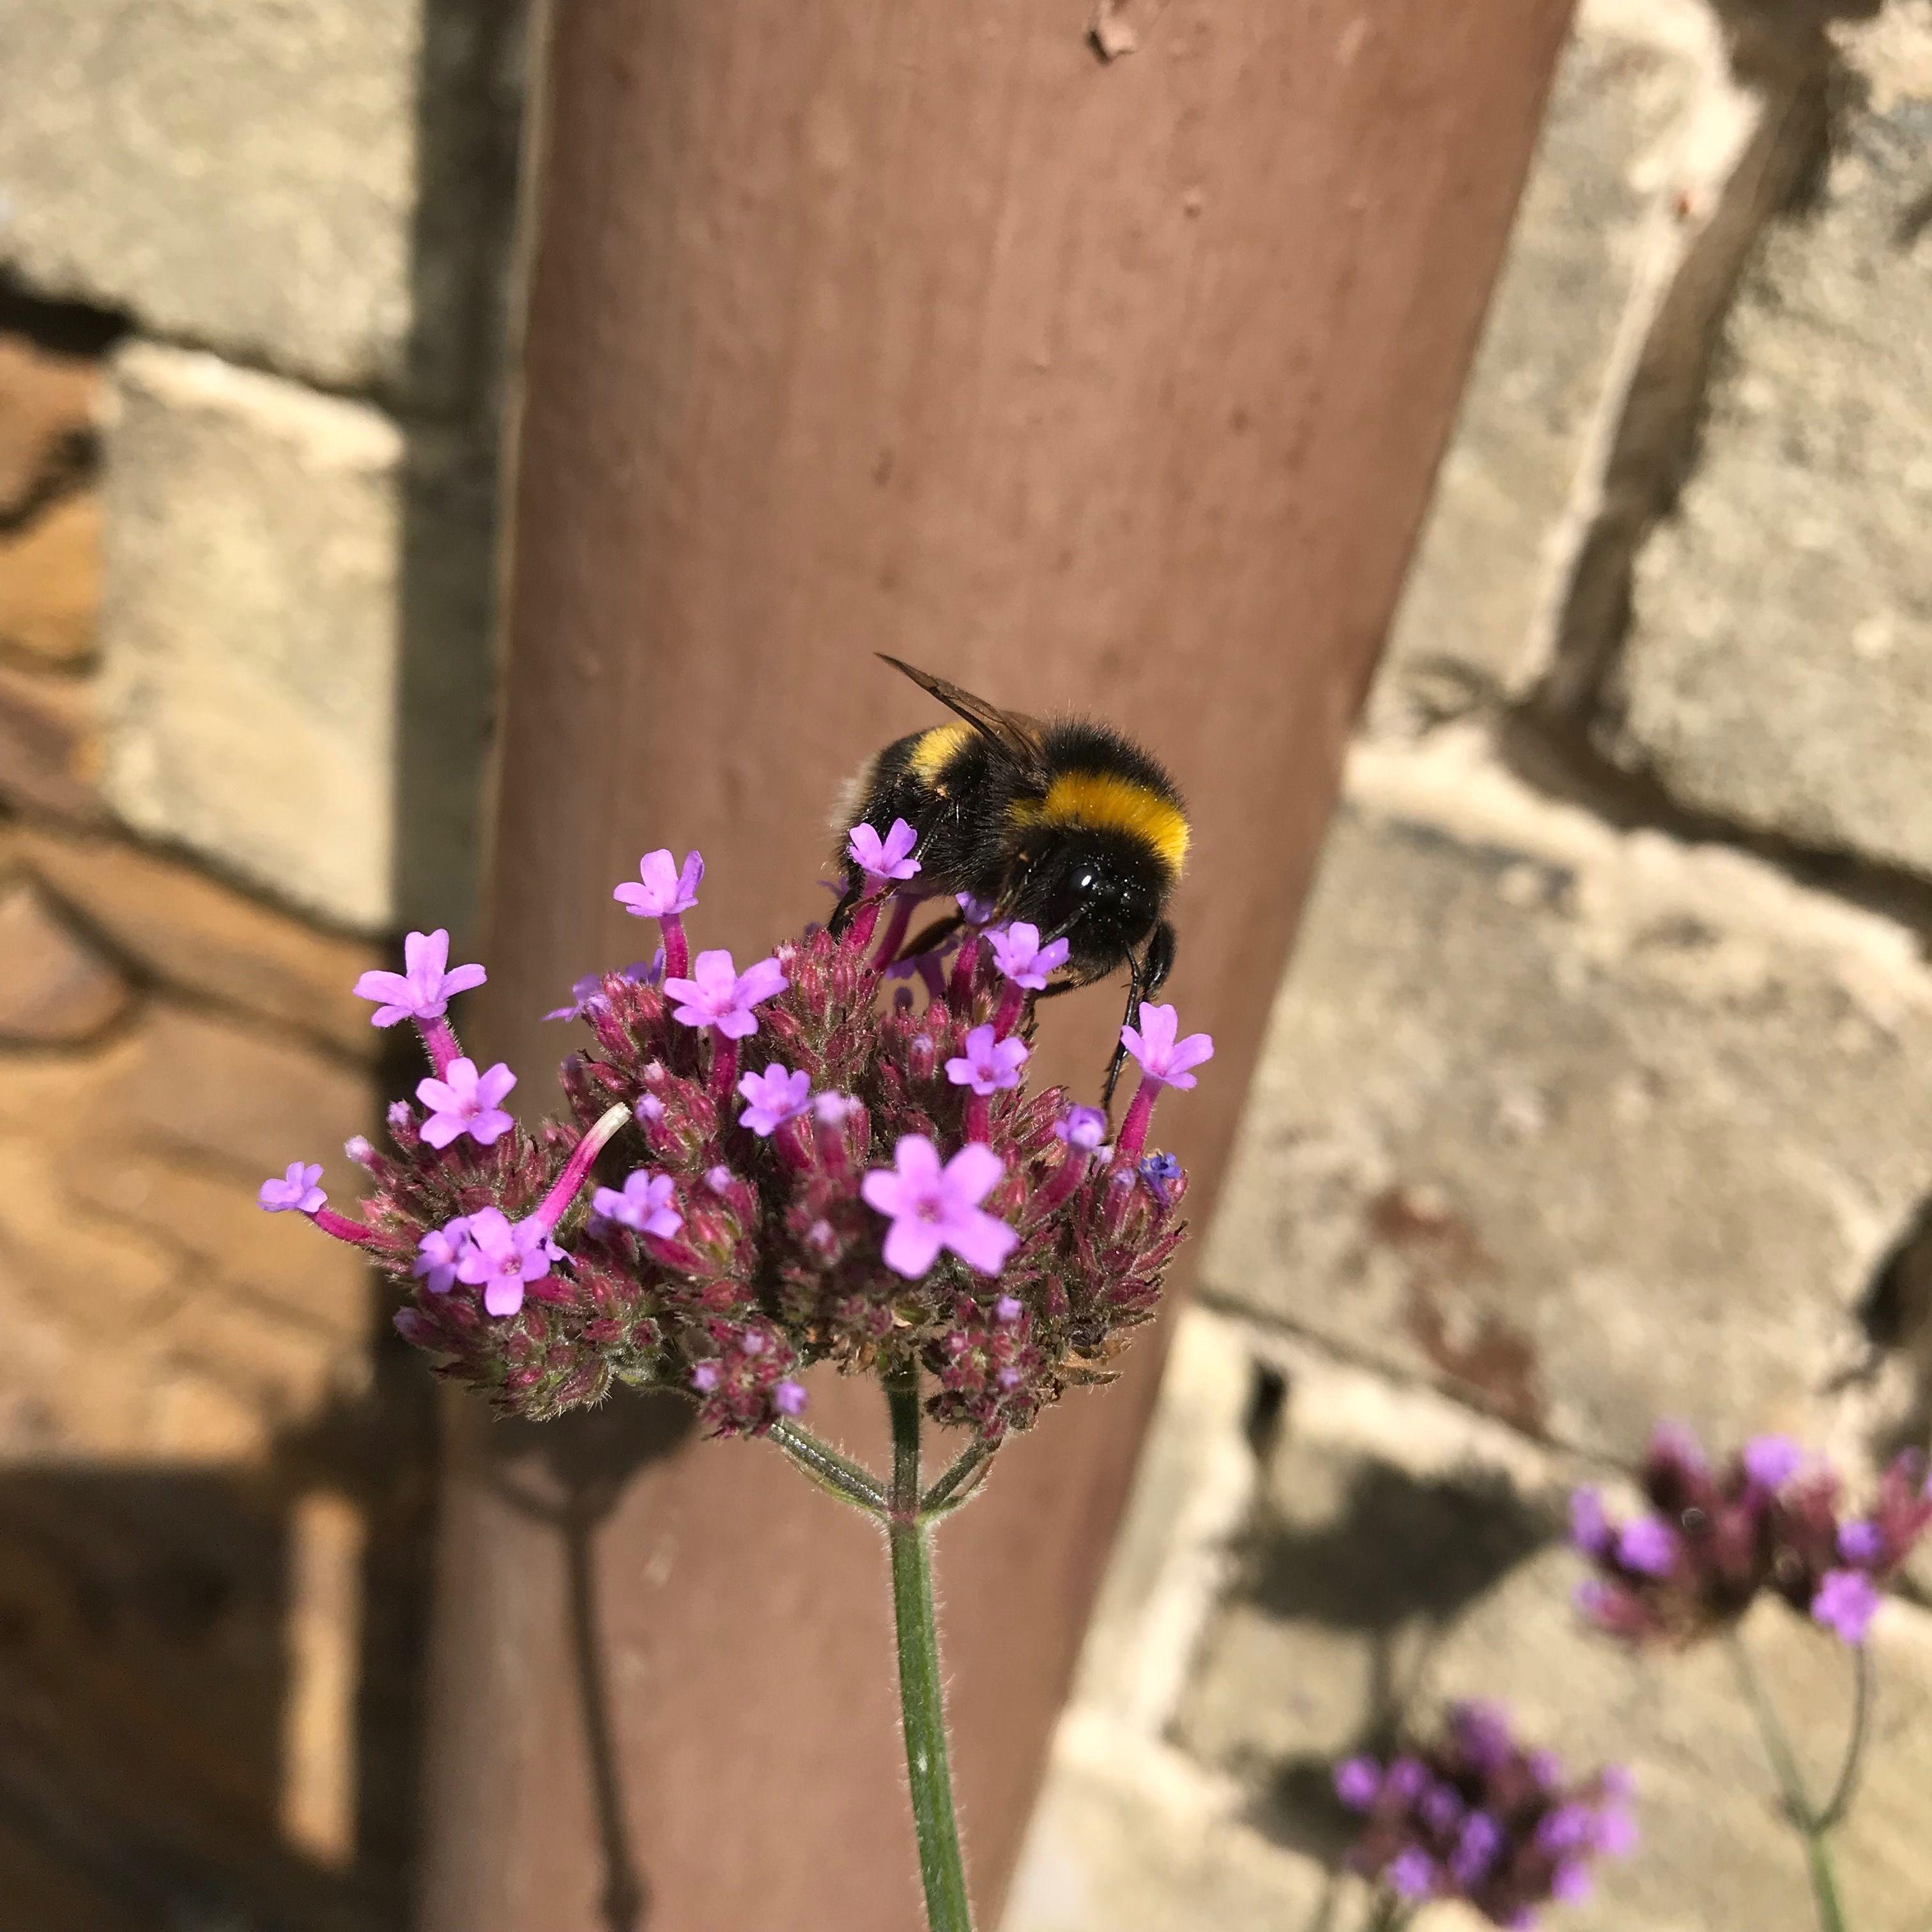 Pin by Sally Grice on Wonderful Garden | Pinterest | Gardens